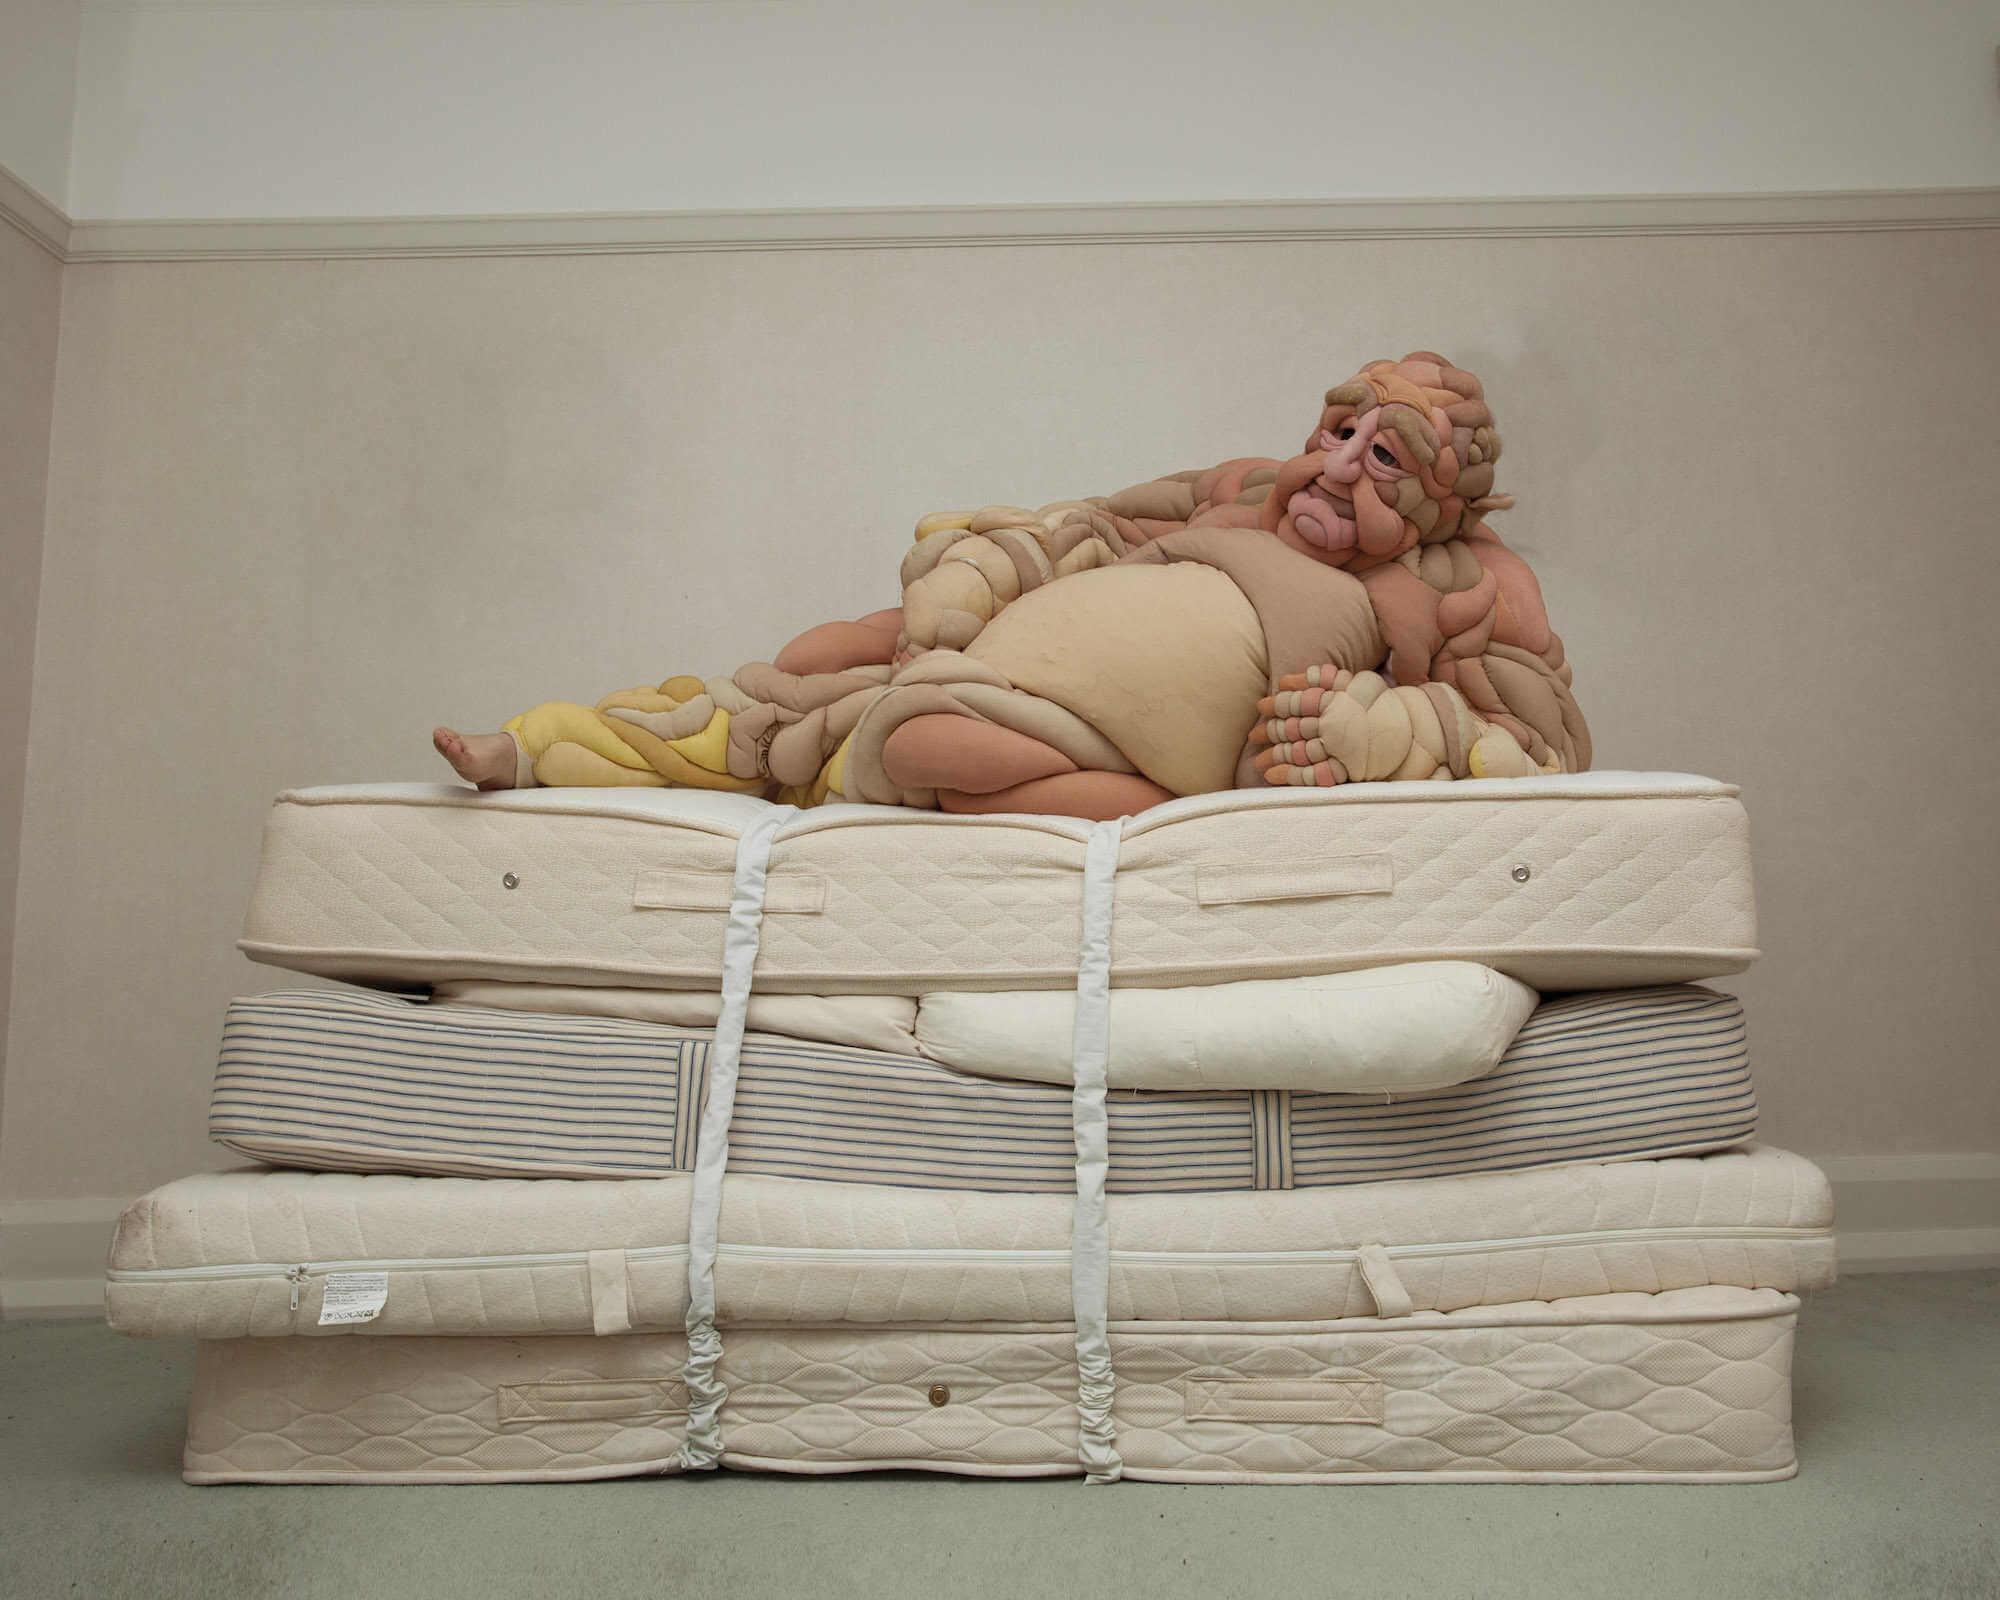 Critica a la imagen corporal en este traje de goma espuma creado por Daisy Collingridge